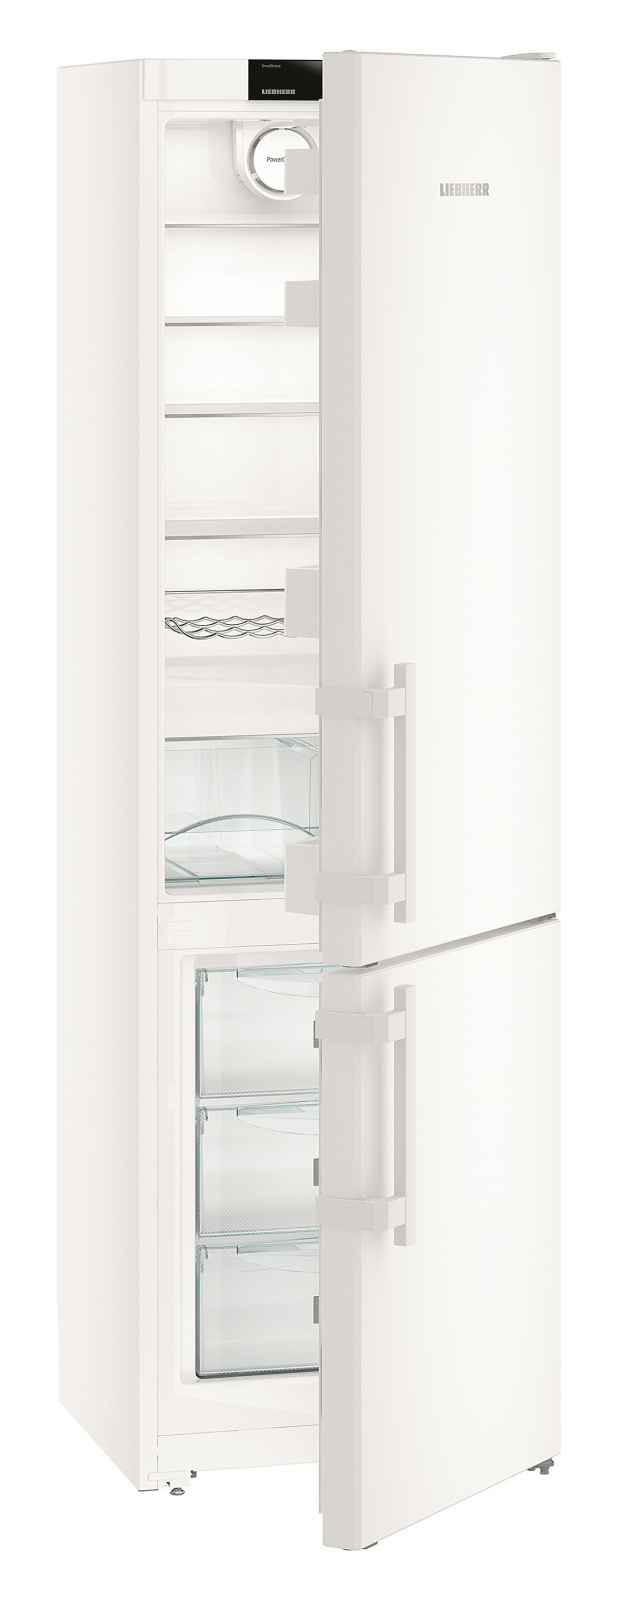 купить Двухкамерный холодильник Liebherr C 4025 Украина фото 5